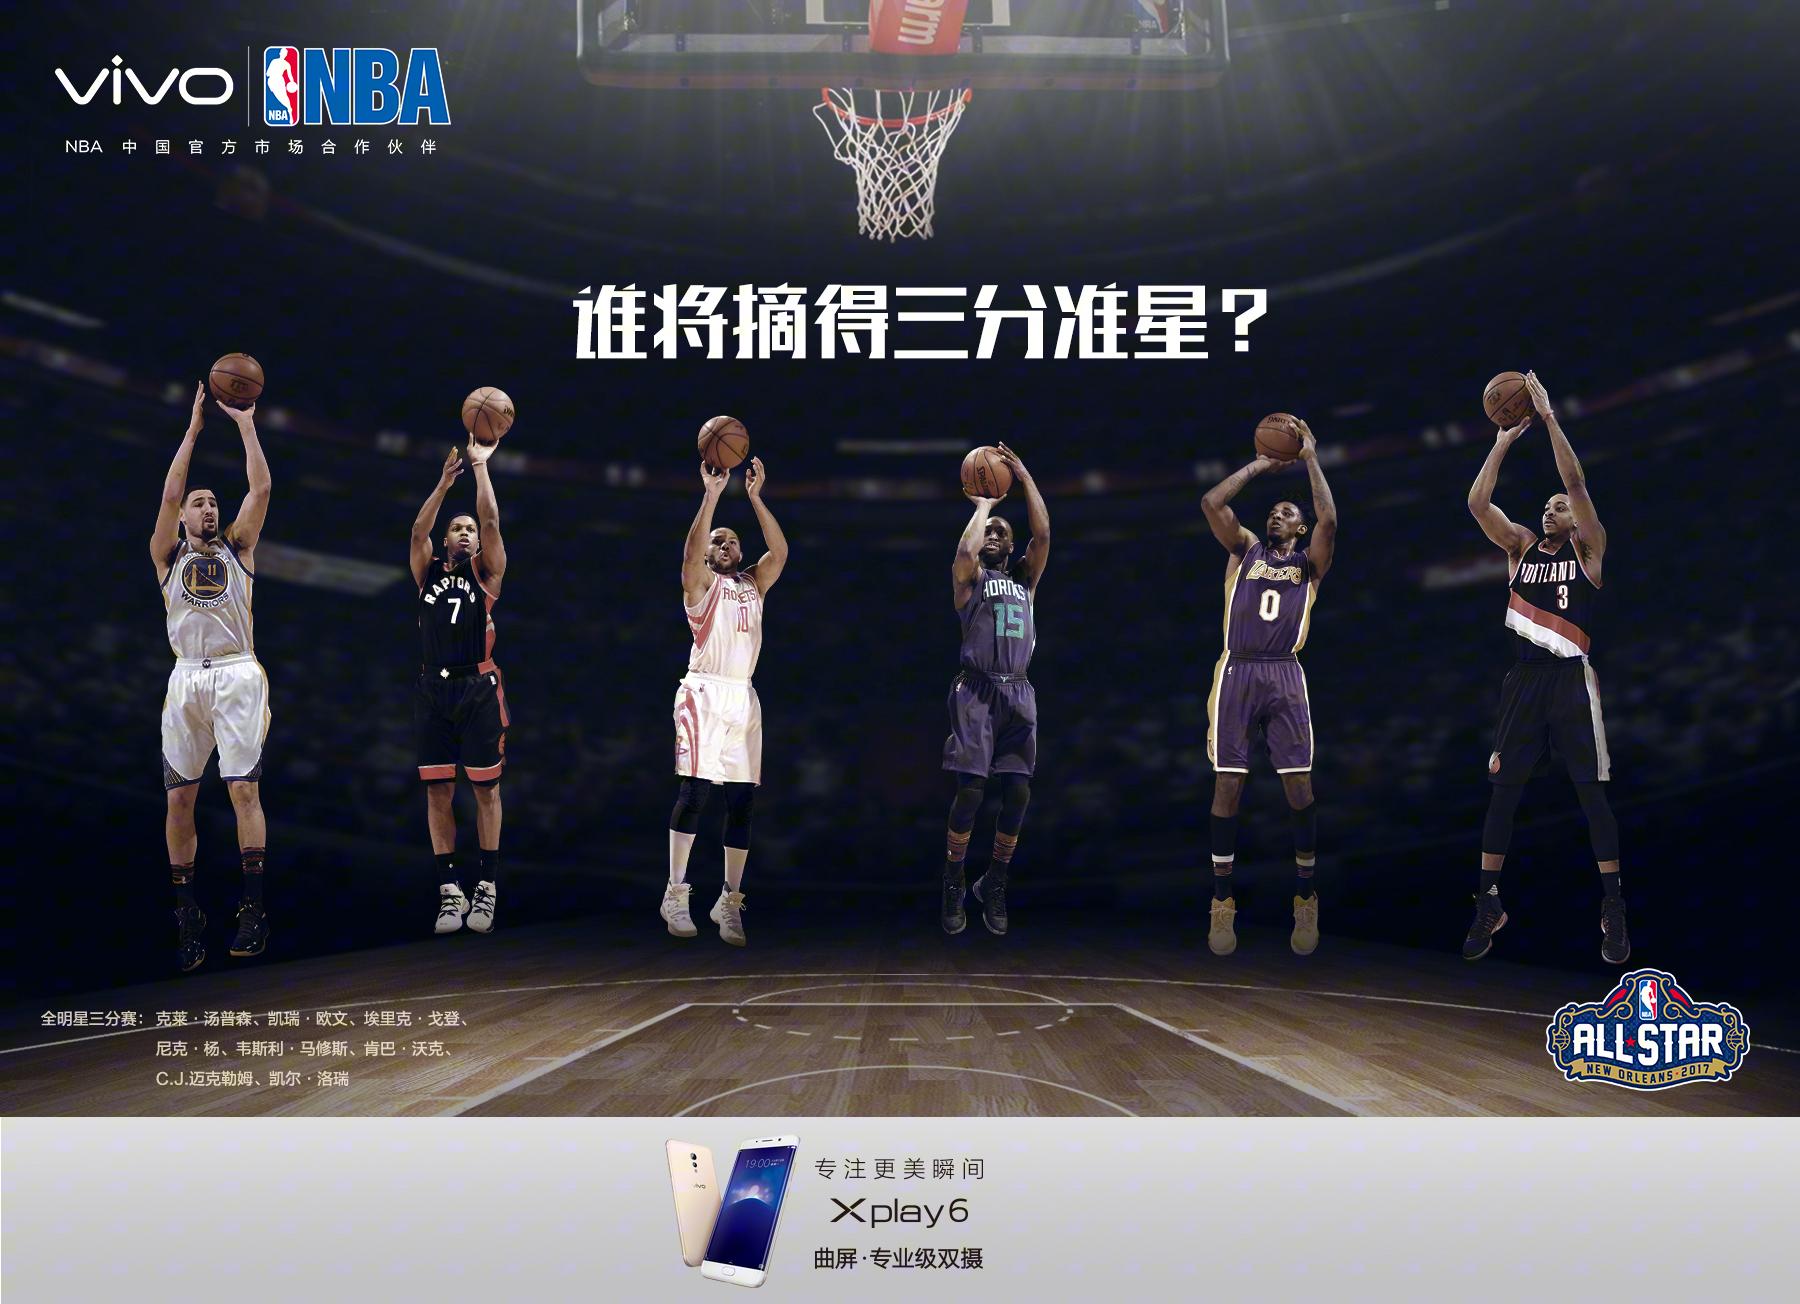 谁将摘得三分准星?http://t.cn/RJuV0qe 转发投票,抽送NBA正版保温水杯一只